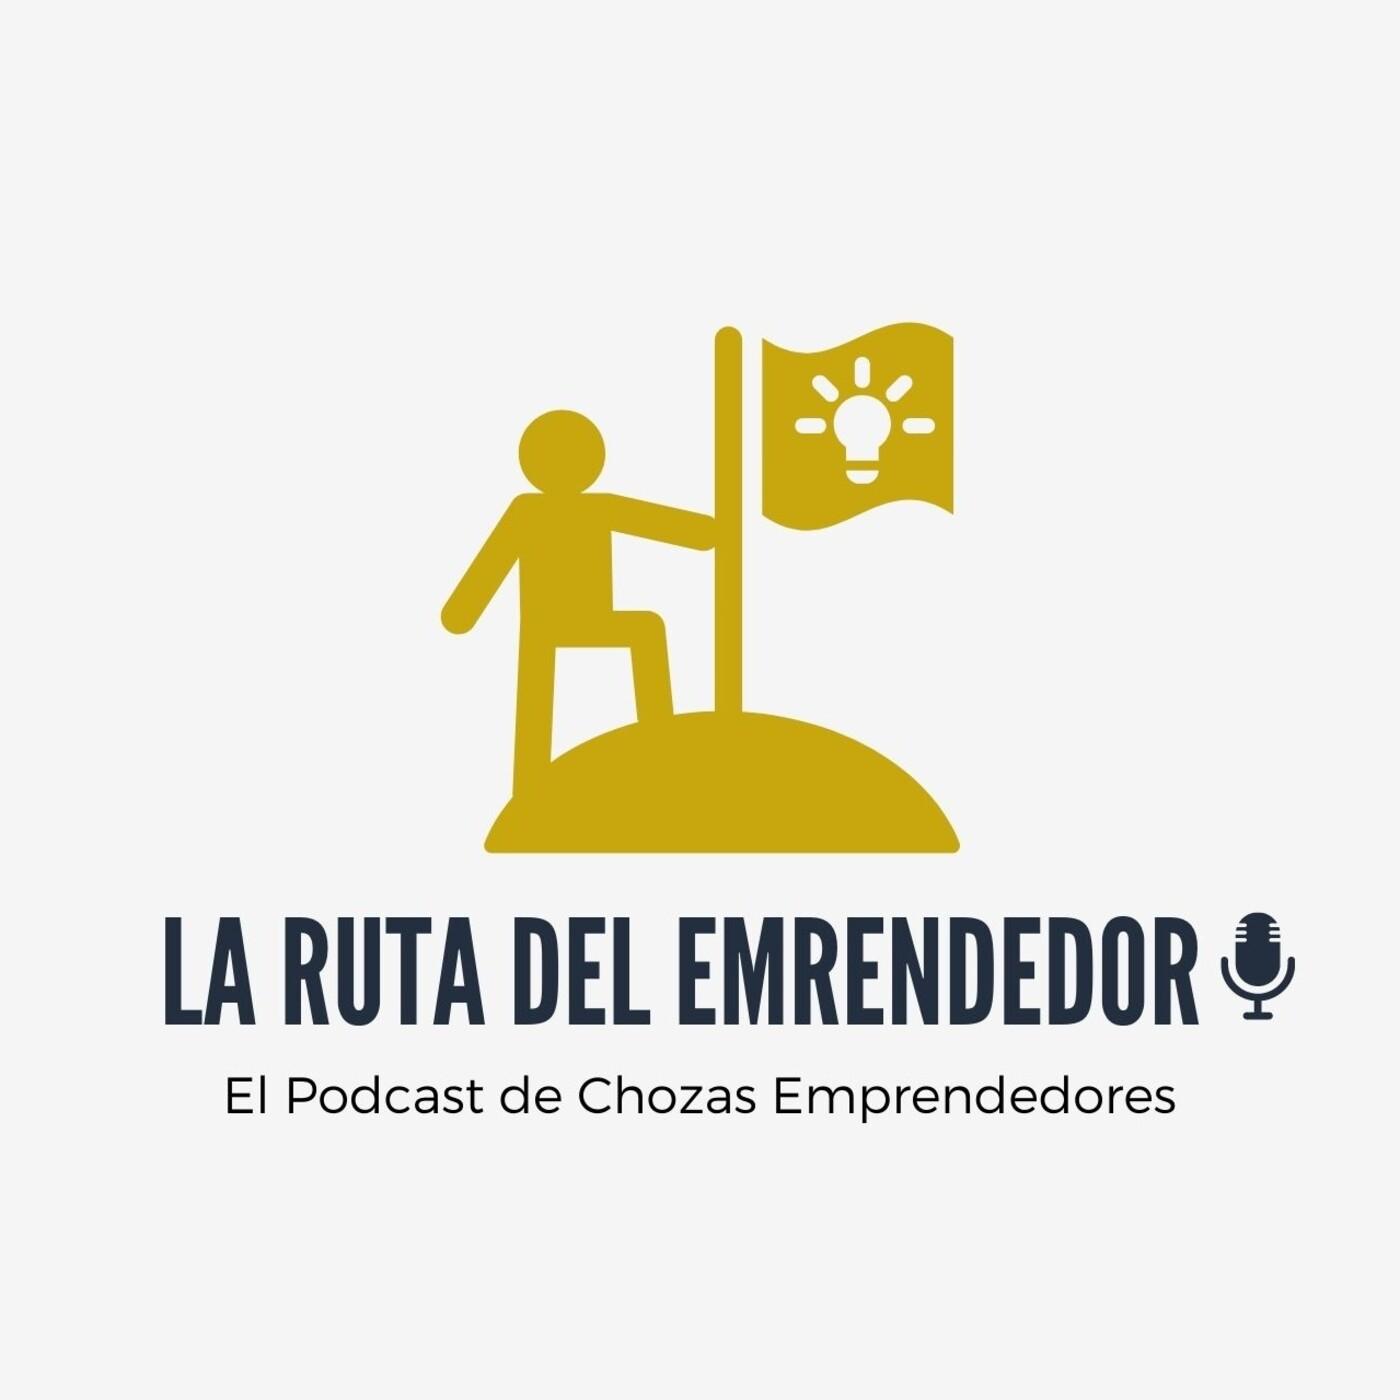 La ruta del emprendedor